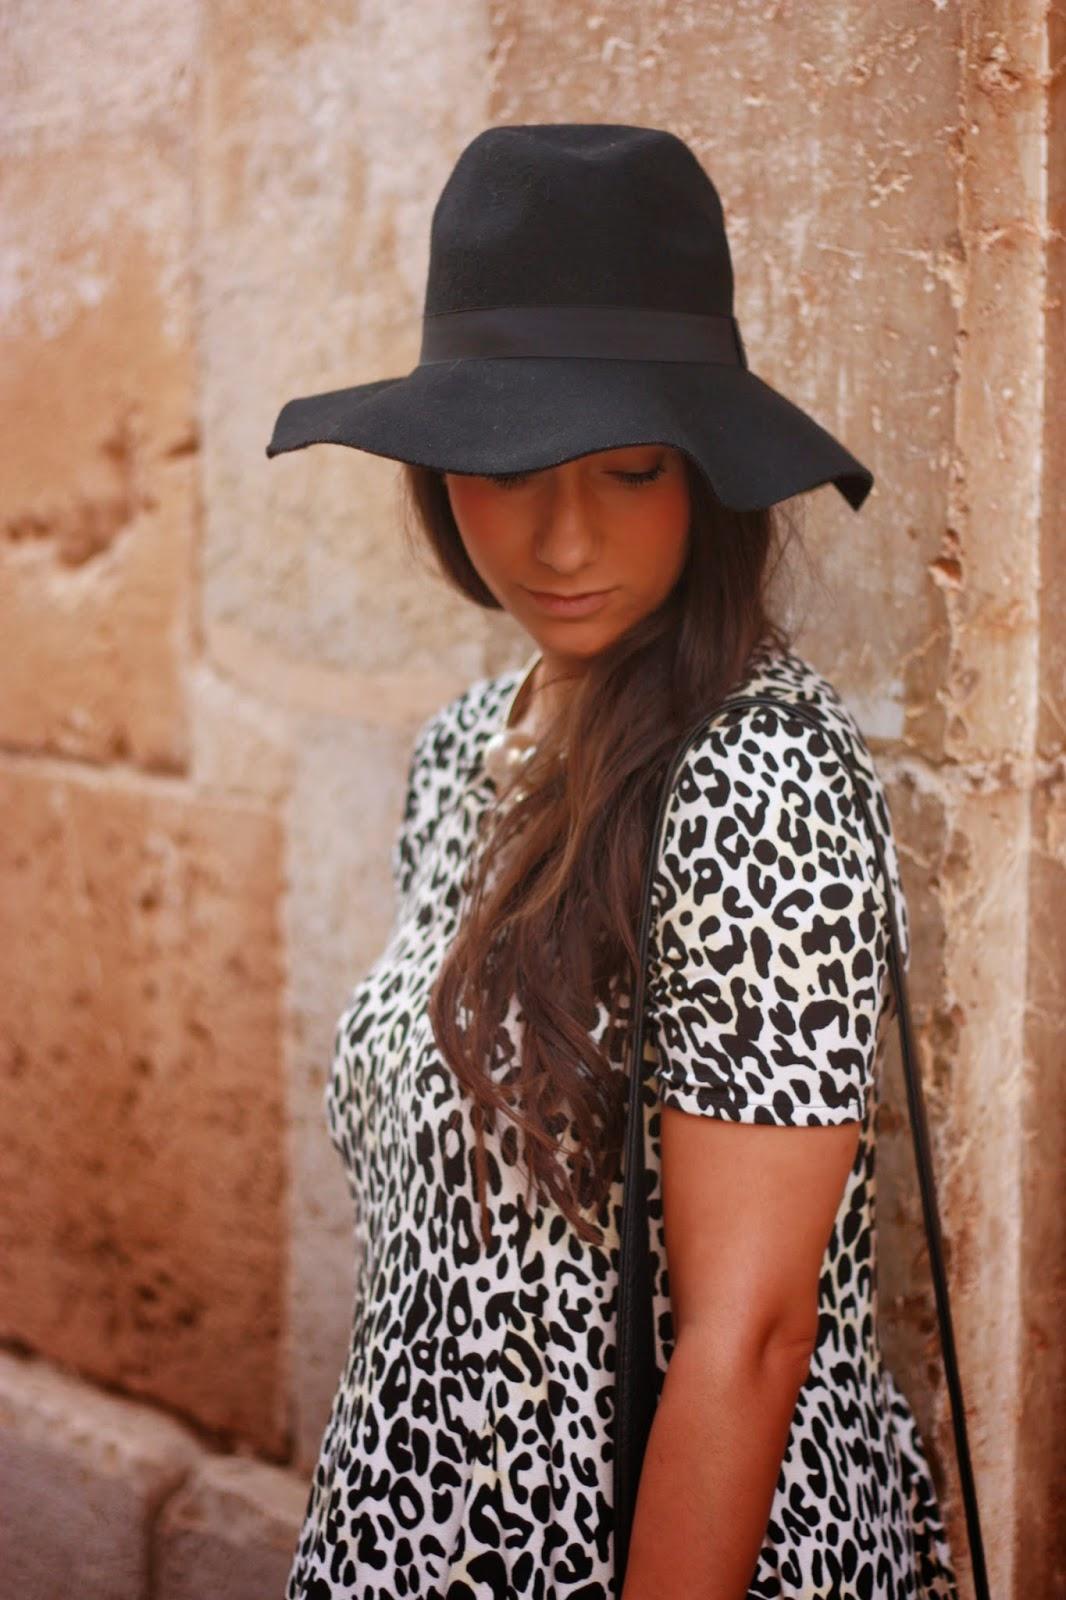 http://silviparalasamigas.blogspot.com.es/2014/10/vestido-suelto-leopardo.html